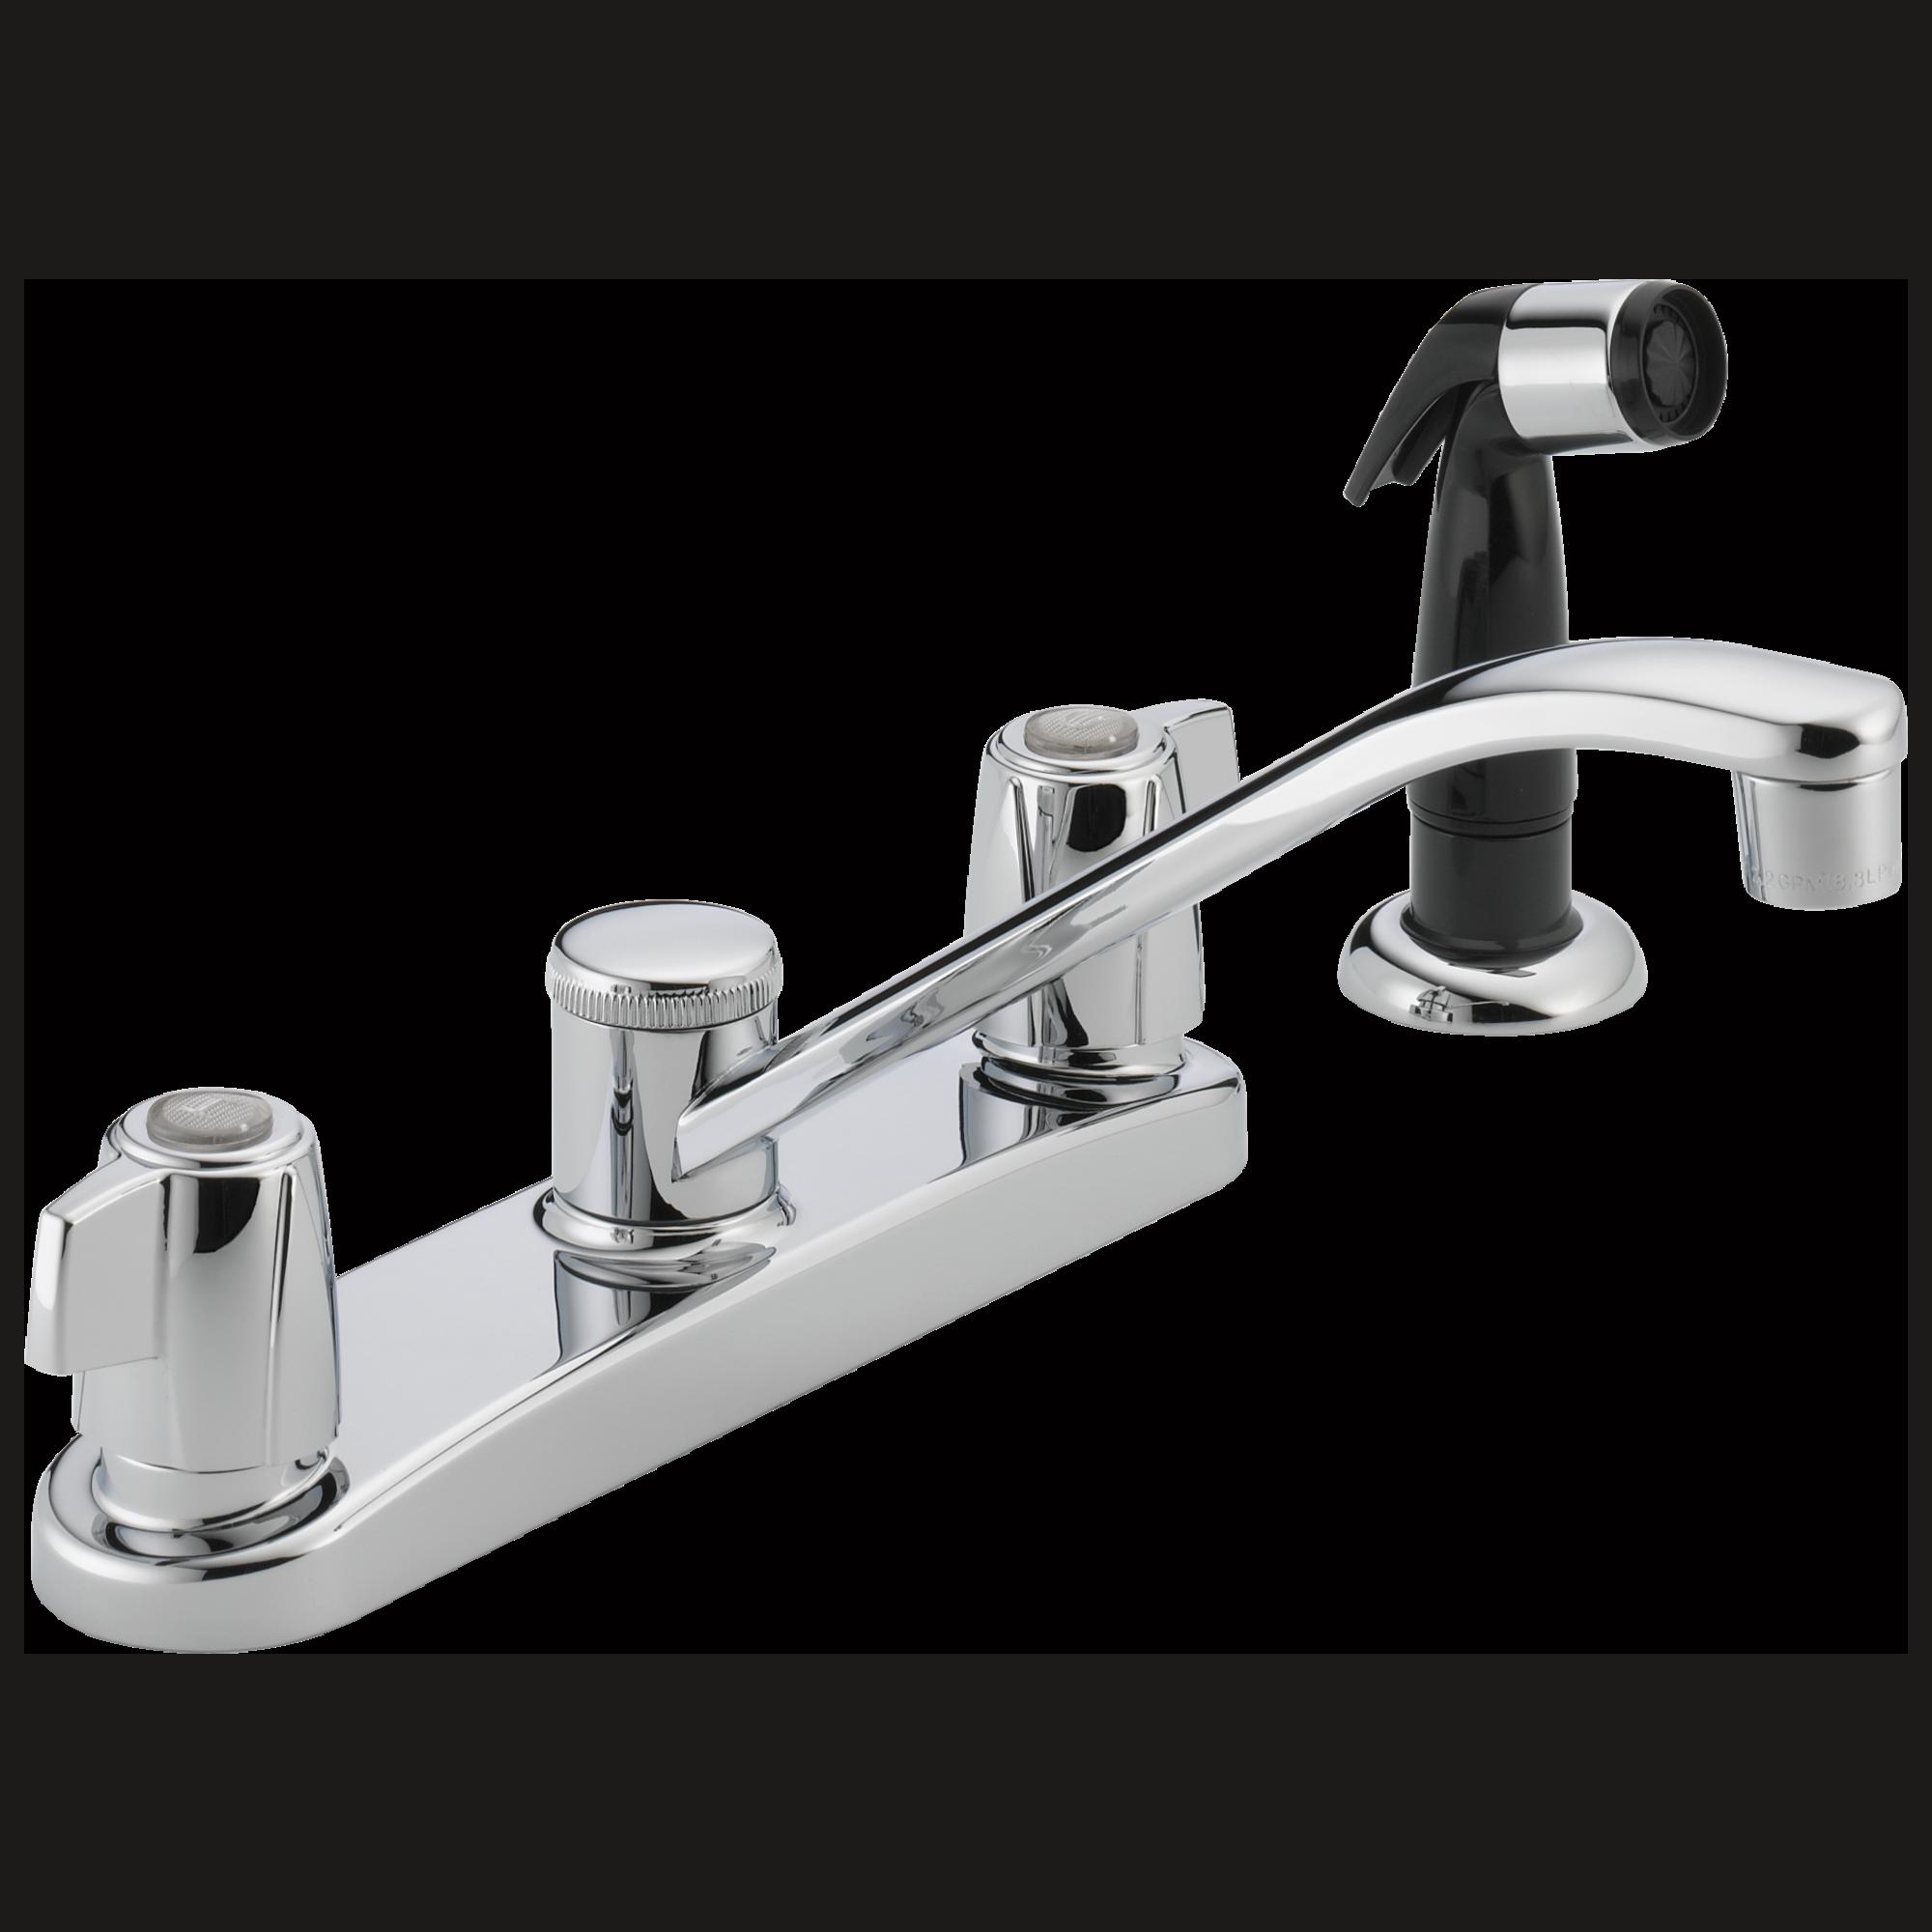 Double Handle Kitchen Faucet P226lf Two Handle Kitchen Faucet